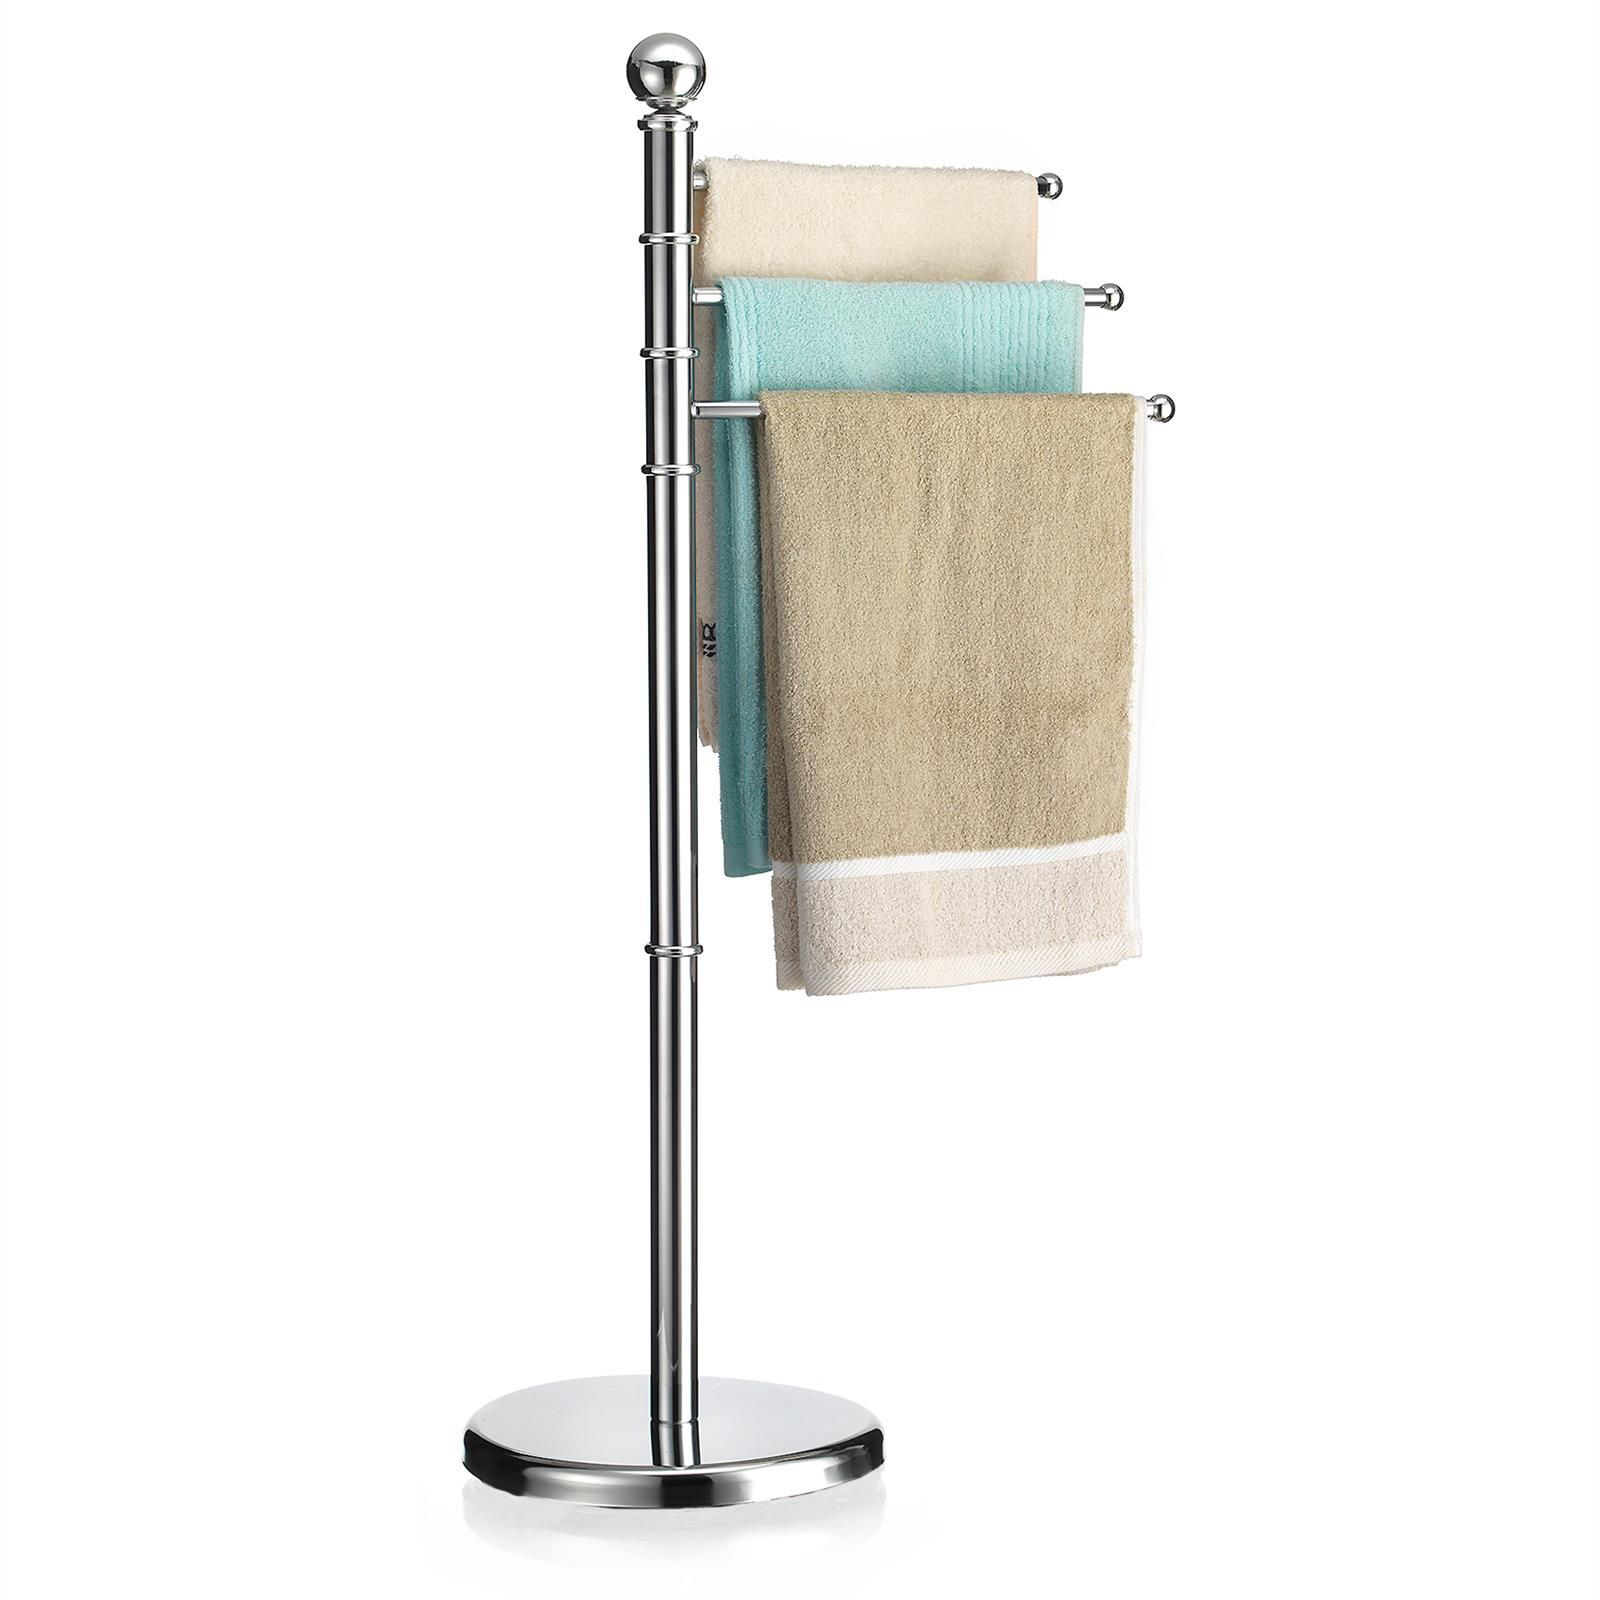 Handtuchhalter Handtuchständer Badetuch Stand Halter Design 3 bewegliche Arme